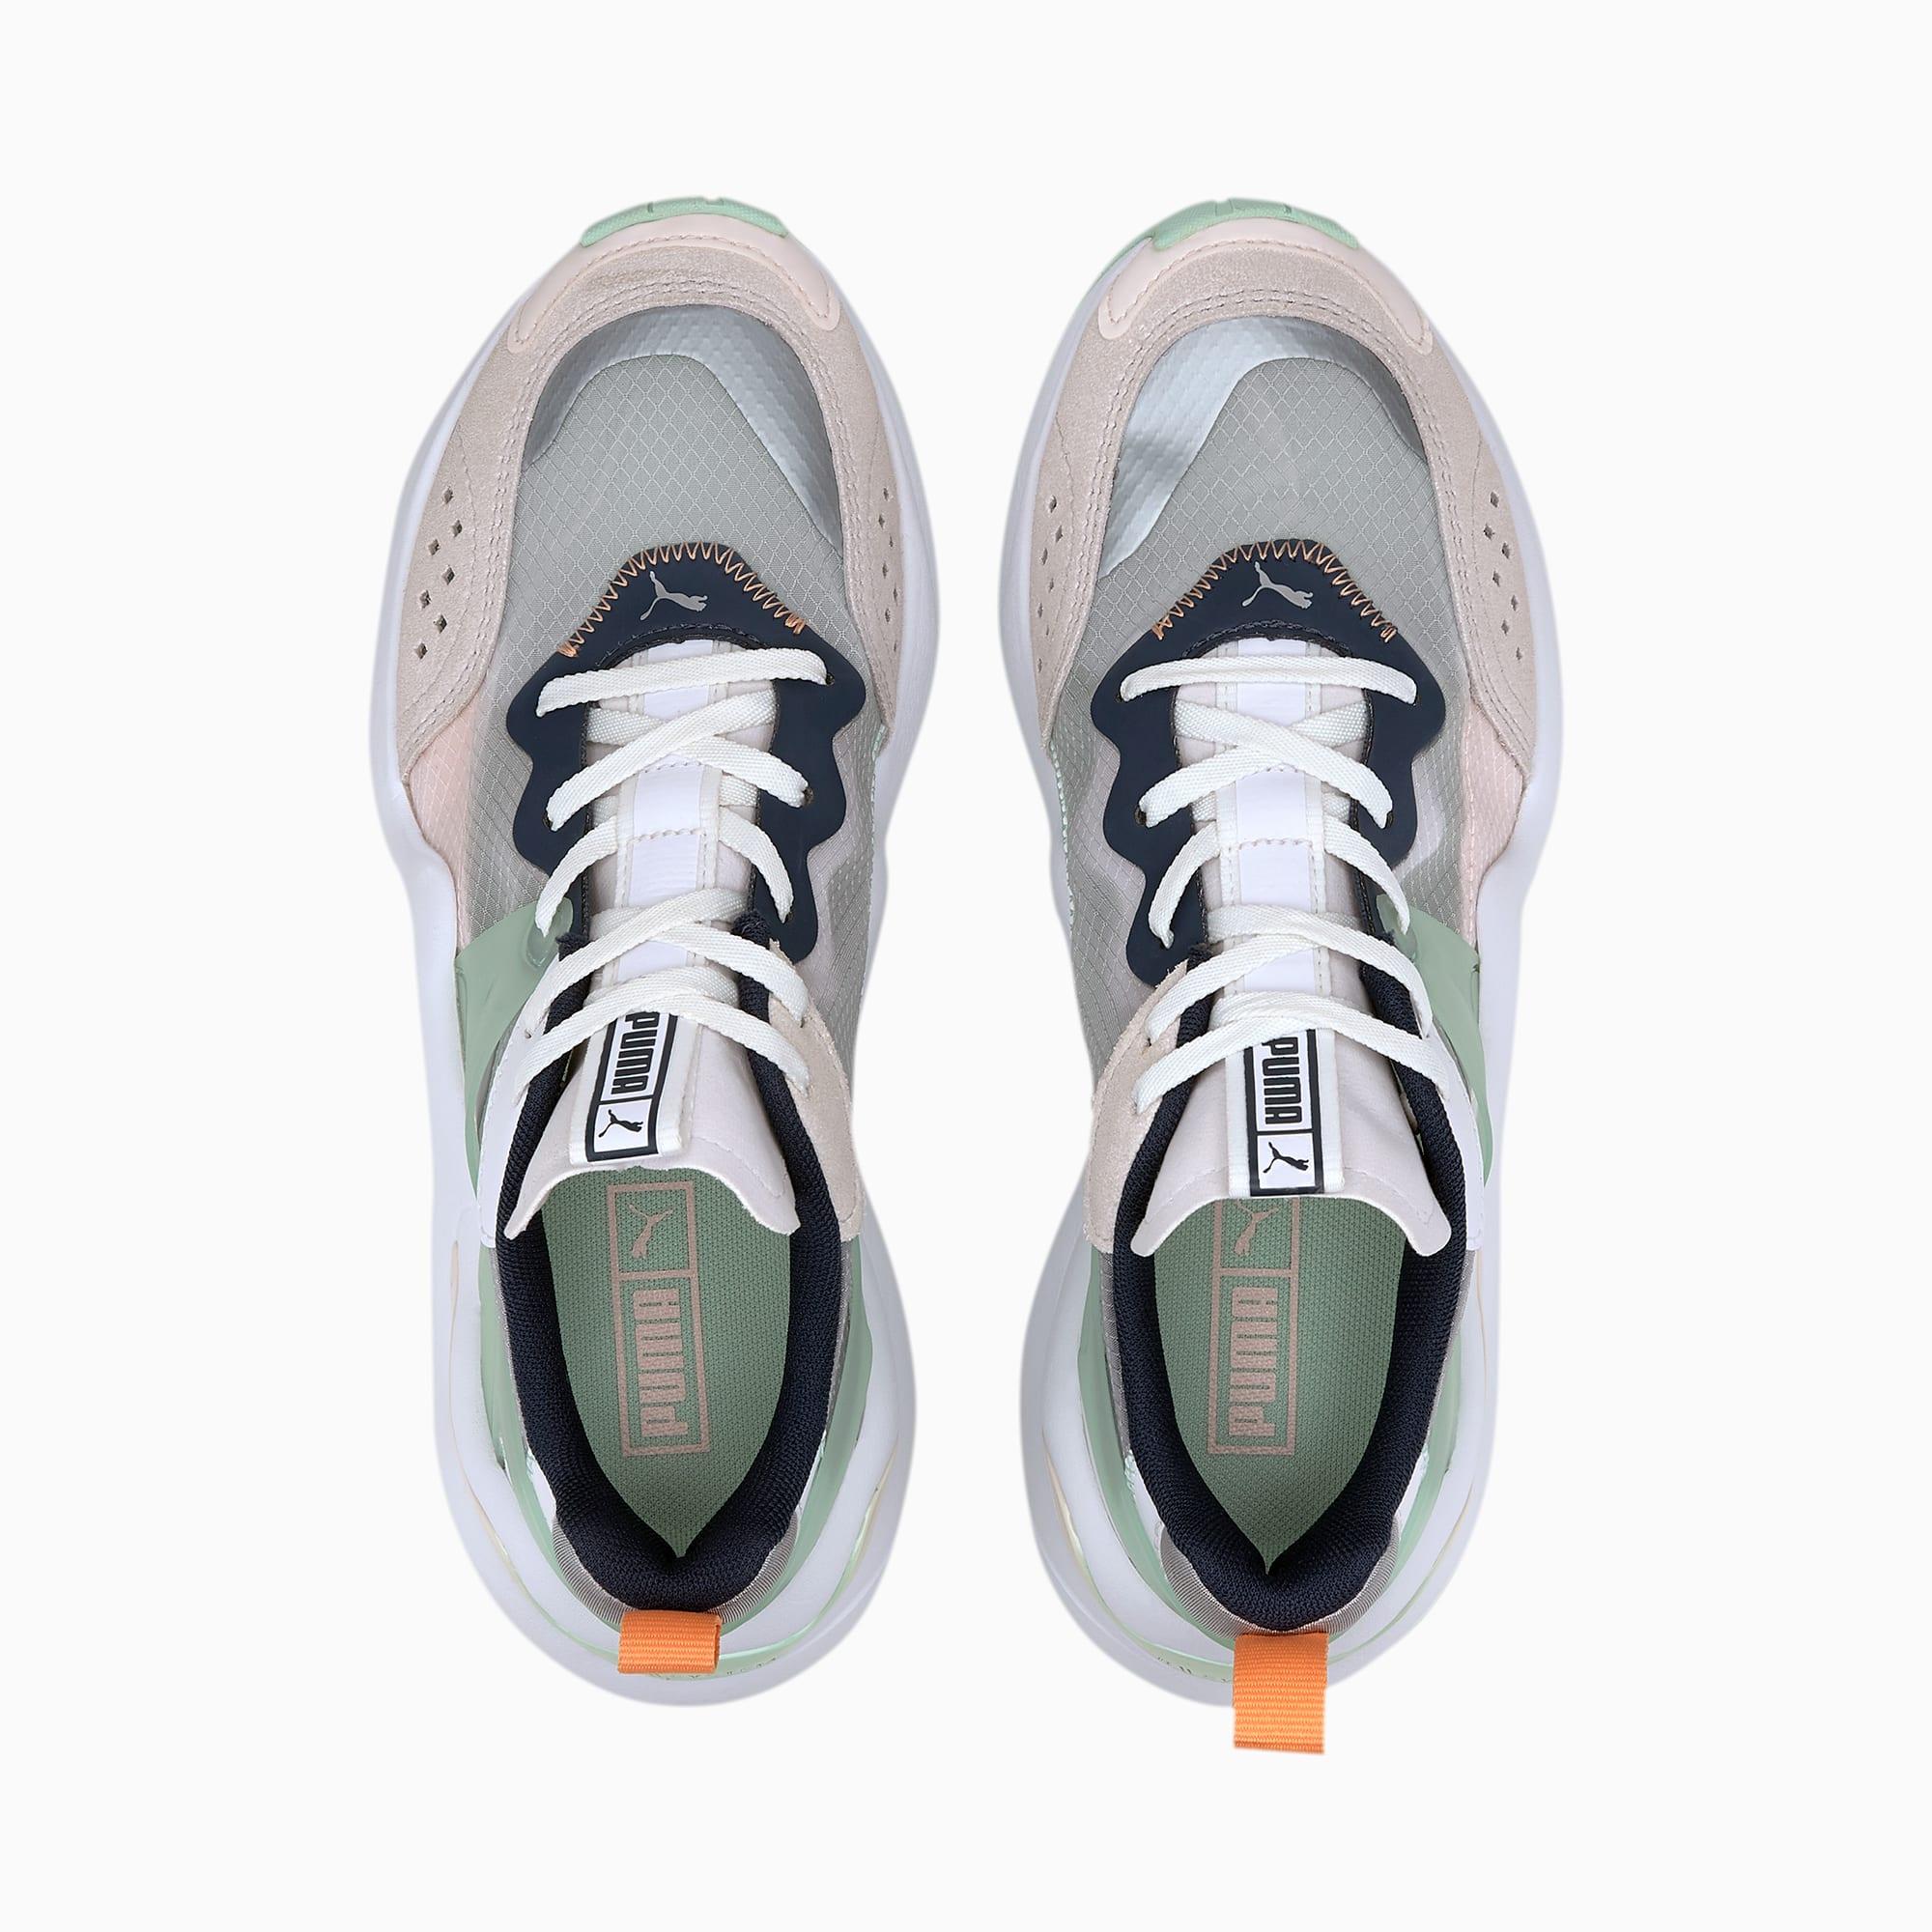 Rise Women's Sneakers